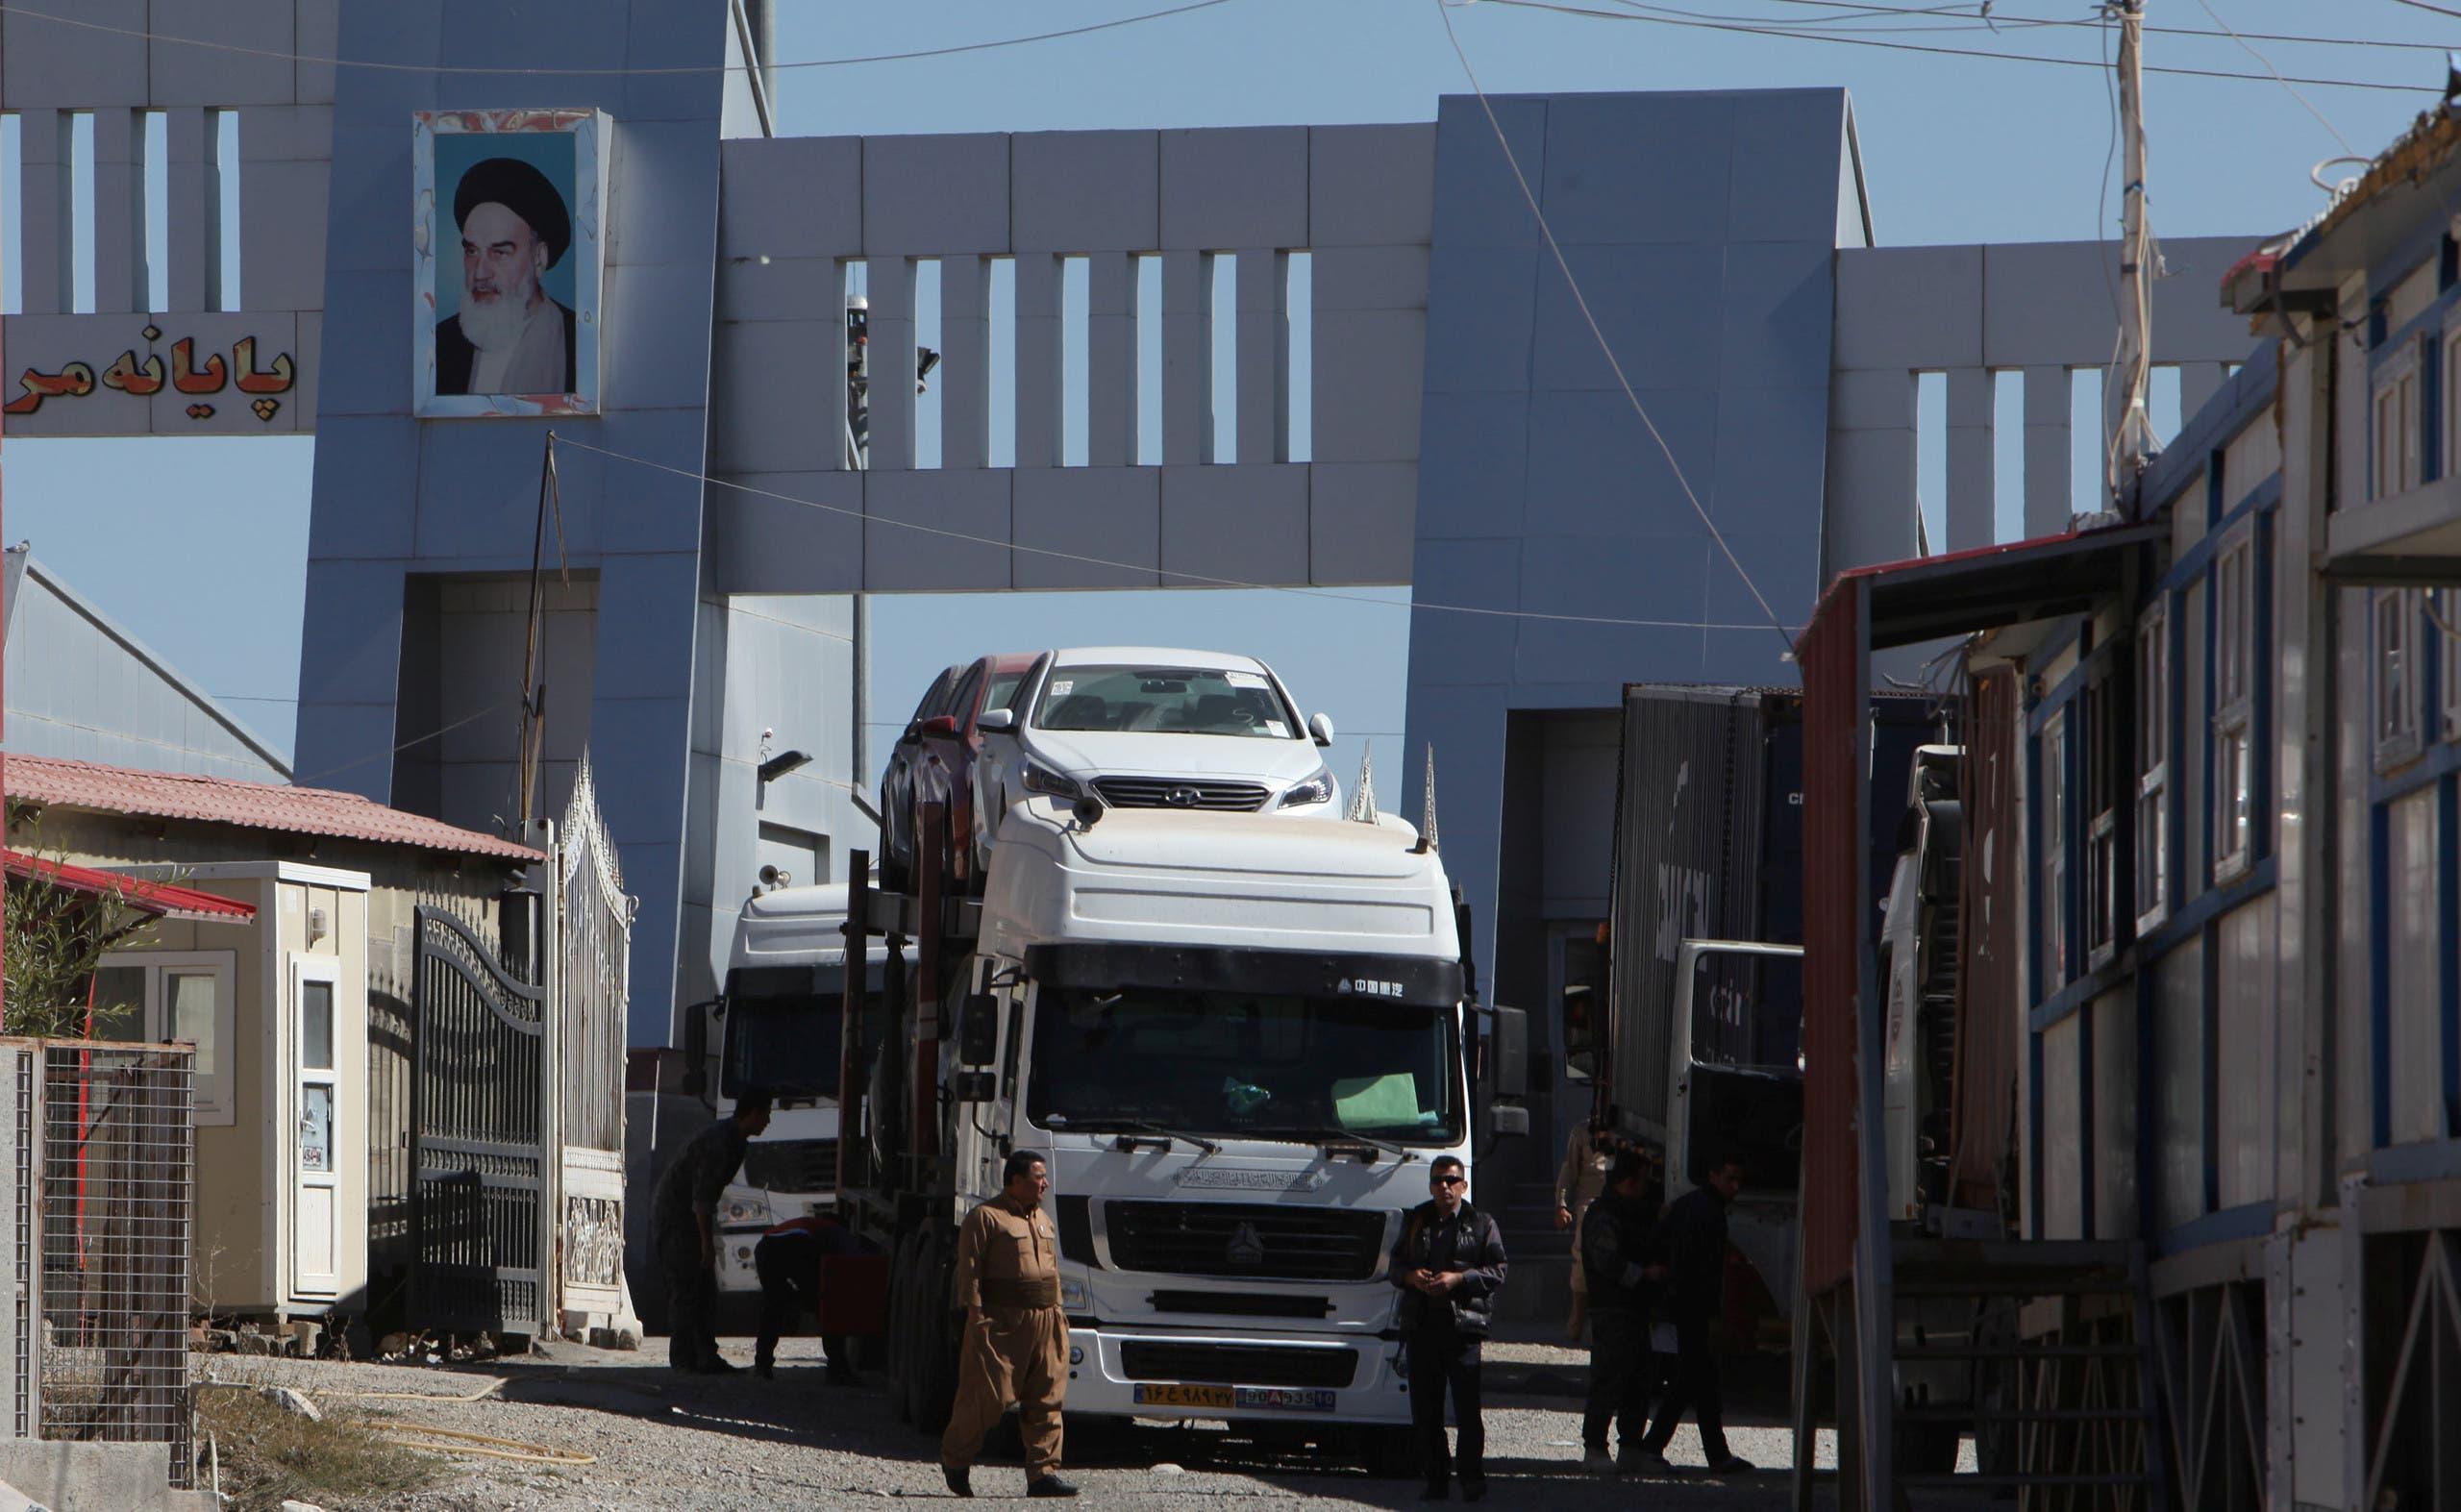 معبر حدودي بين إيران وكردستان العراق (أرشيفية)